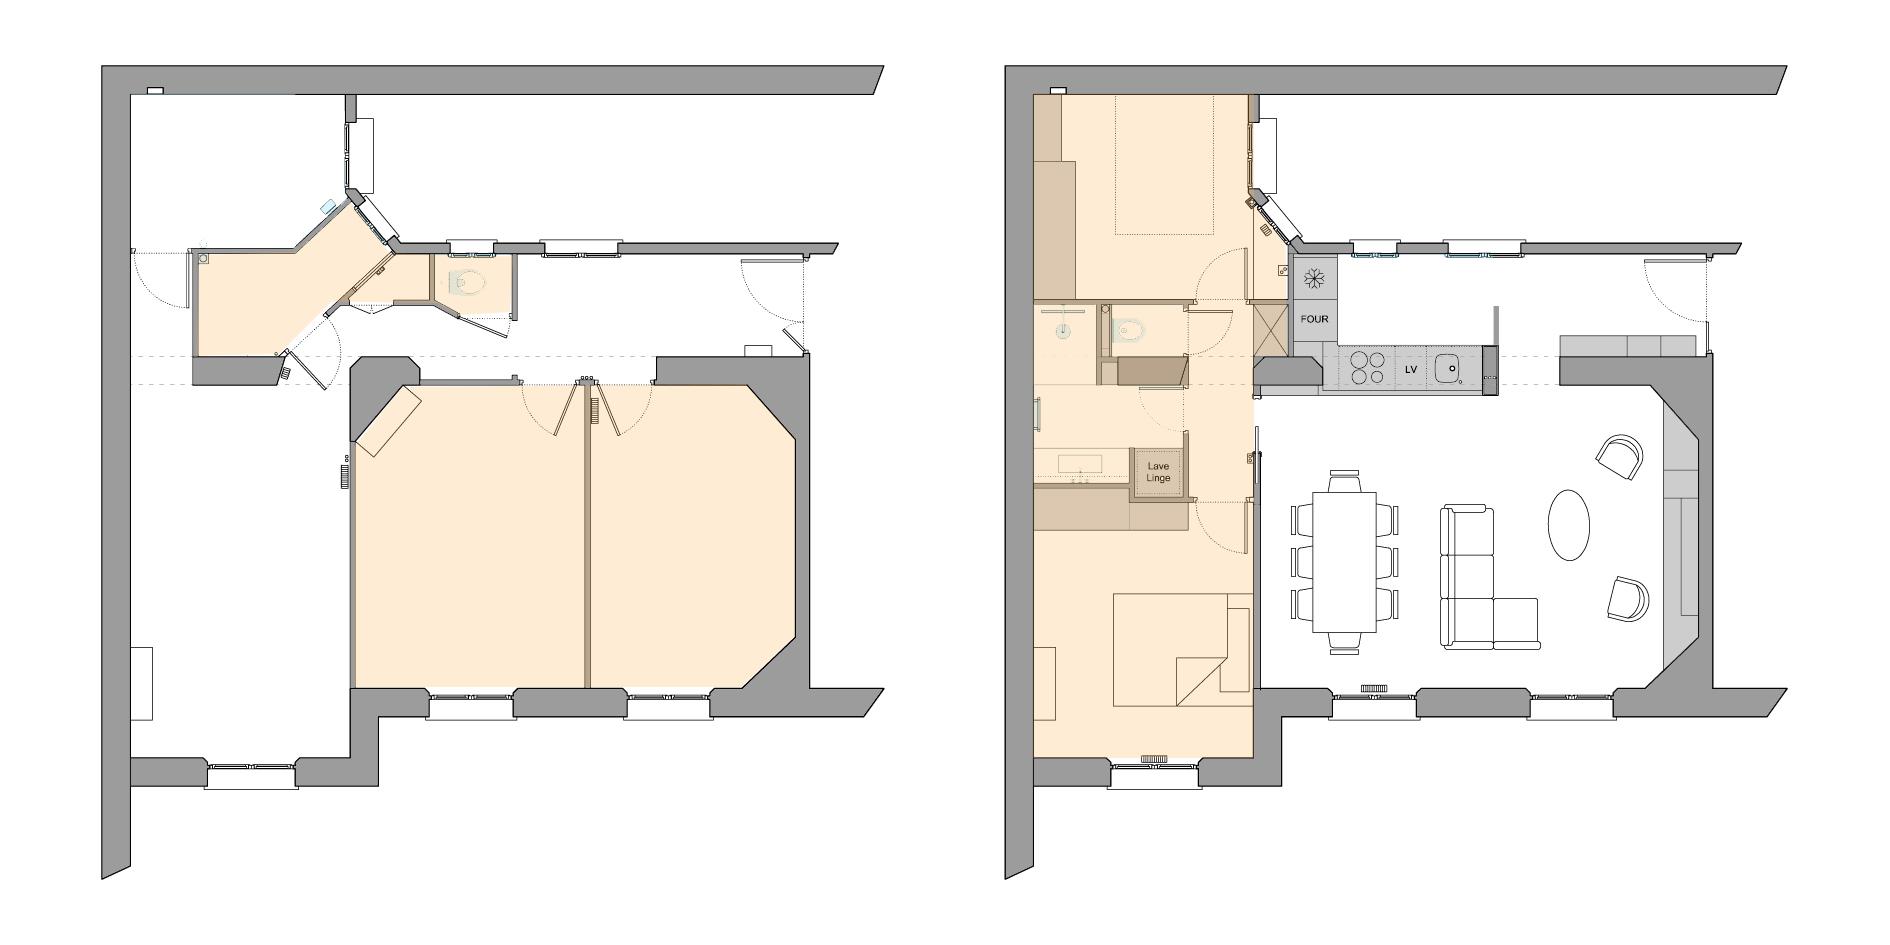 plan de votre appartement